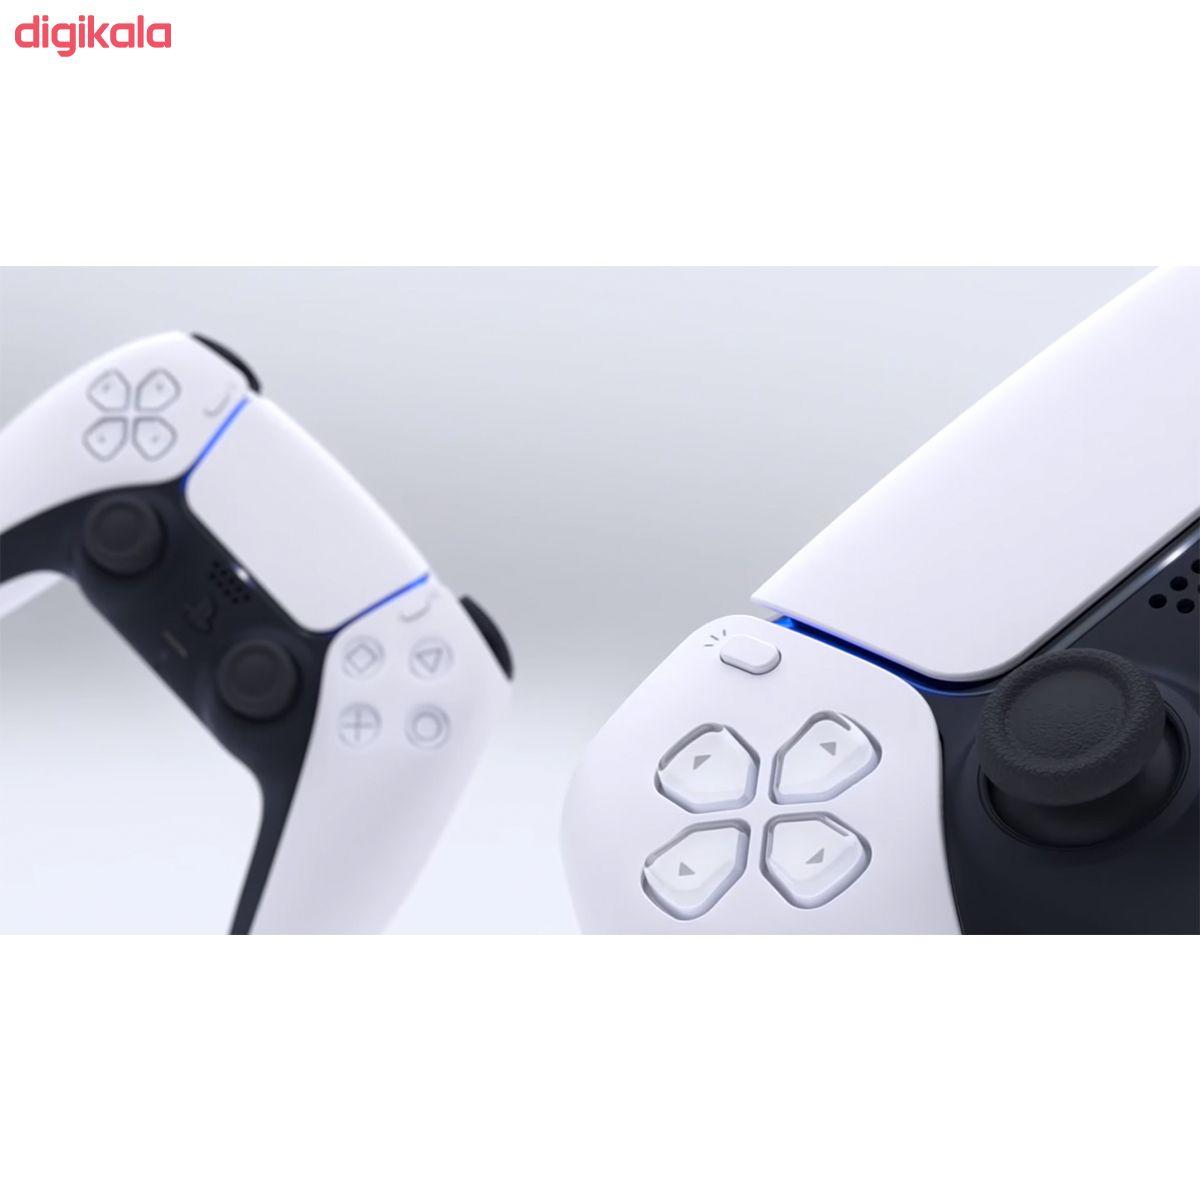 مجموعه کنسول بازی سونی مدل PlayStatio 5 Digital Edition ظرفیت 825 گیگابایت به همراه دسته اضافی main 1 3